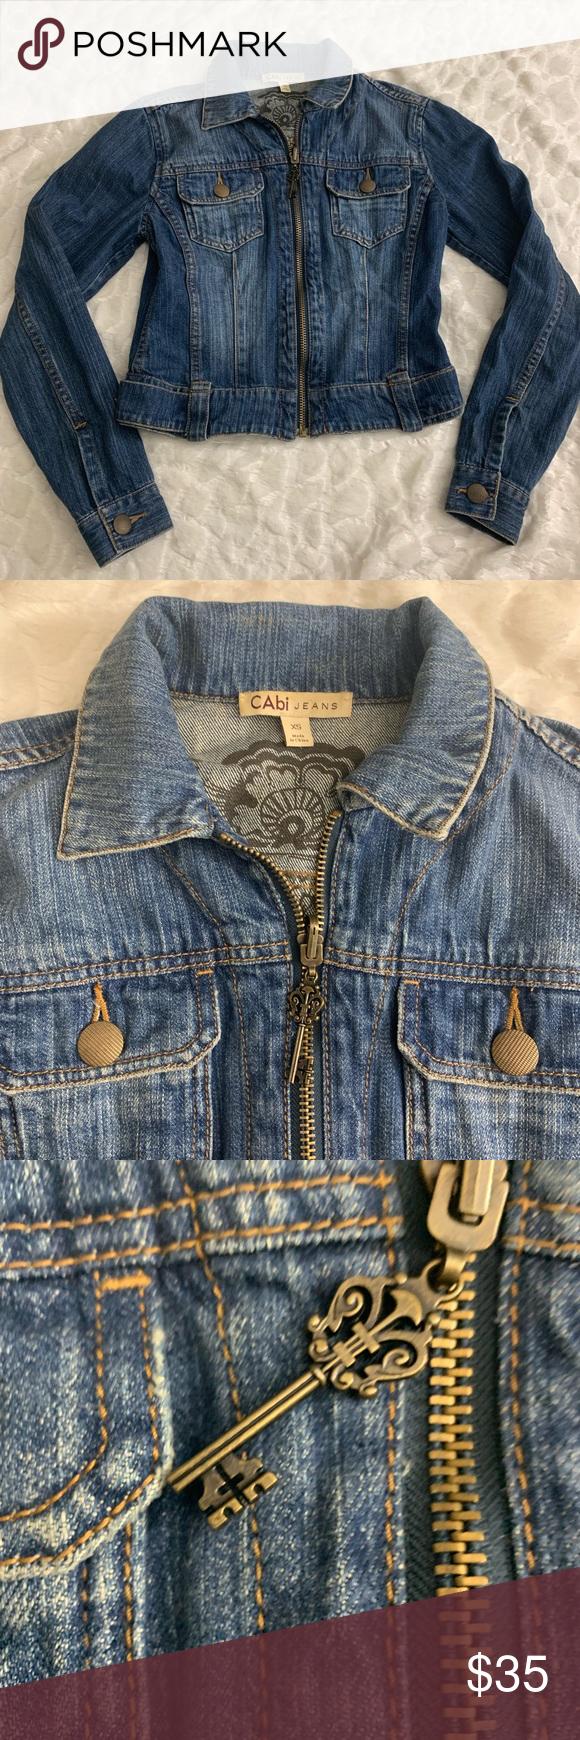 Cabi Xs Denim Jean Jacket With Key Pull Zipper So Cute Cabi Xs Denim Jean Jacket With Key Pull Zipper Closure But Denim Jean Jacket Jean Jacket Denim Jeans [ 1740 x 580 Pixel ]